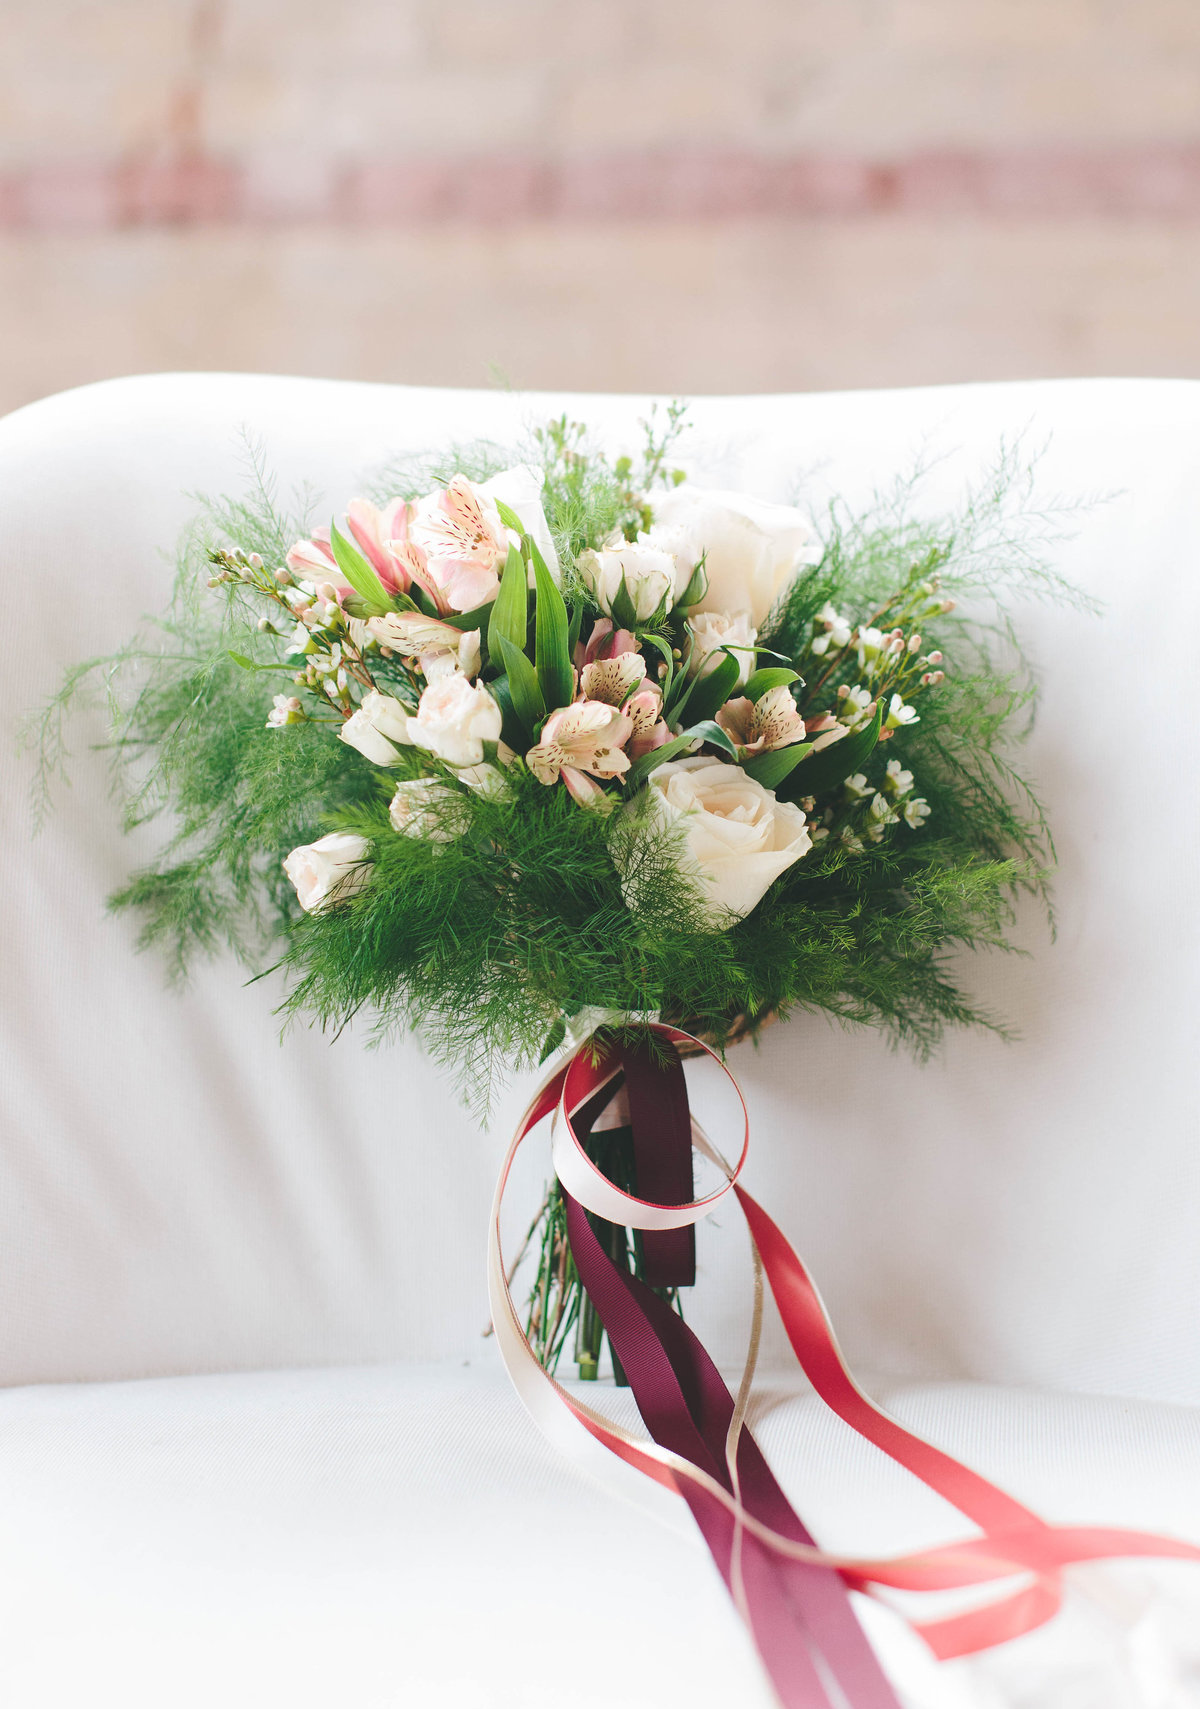 Цветов, эксклюзивные букеты для свадьбы своими руками